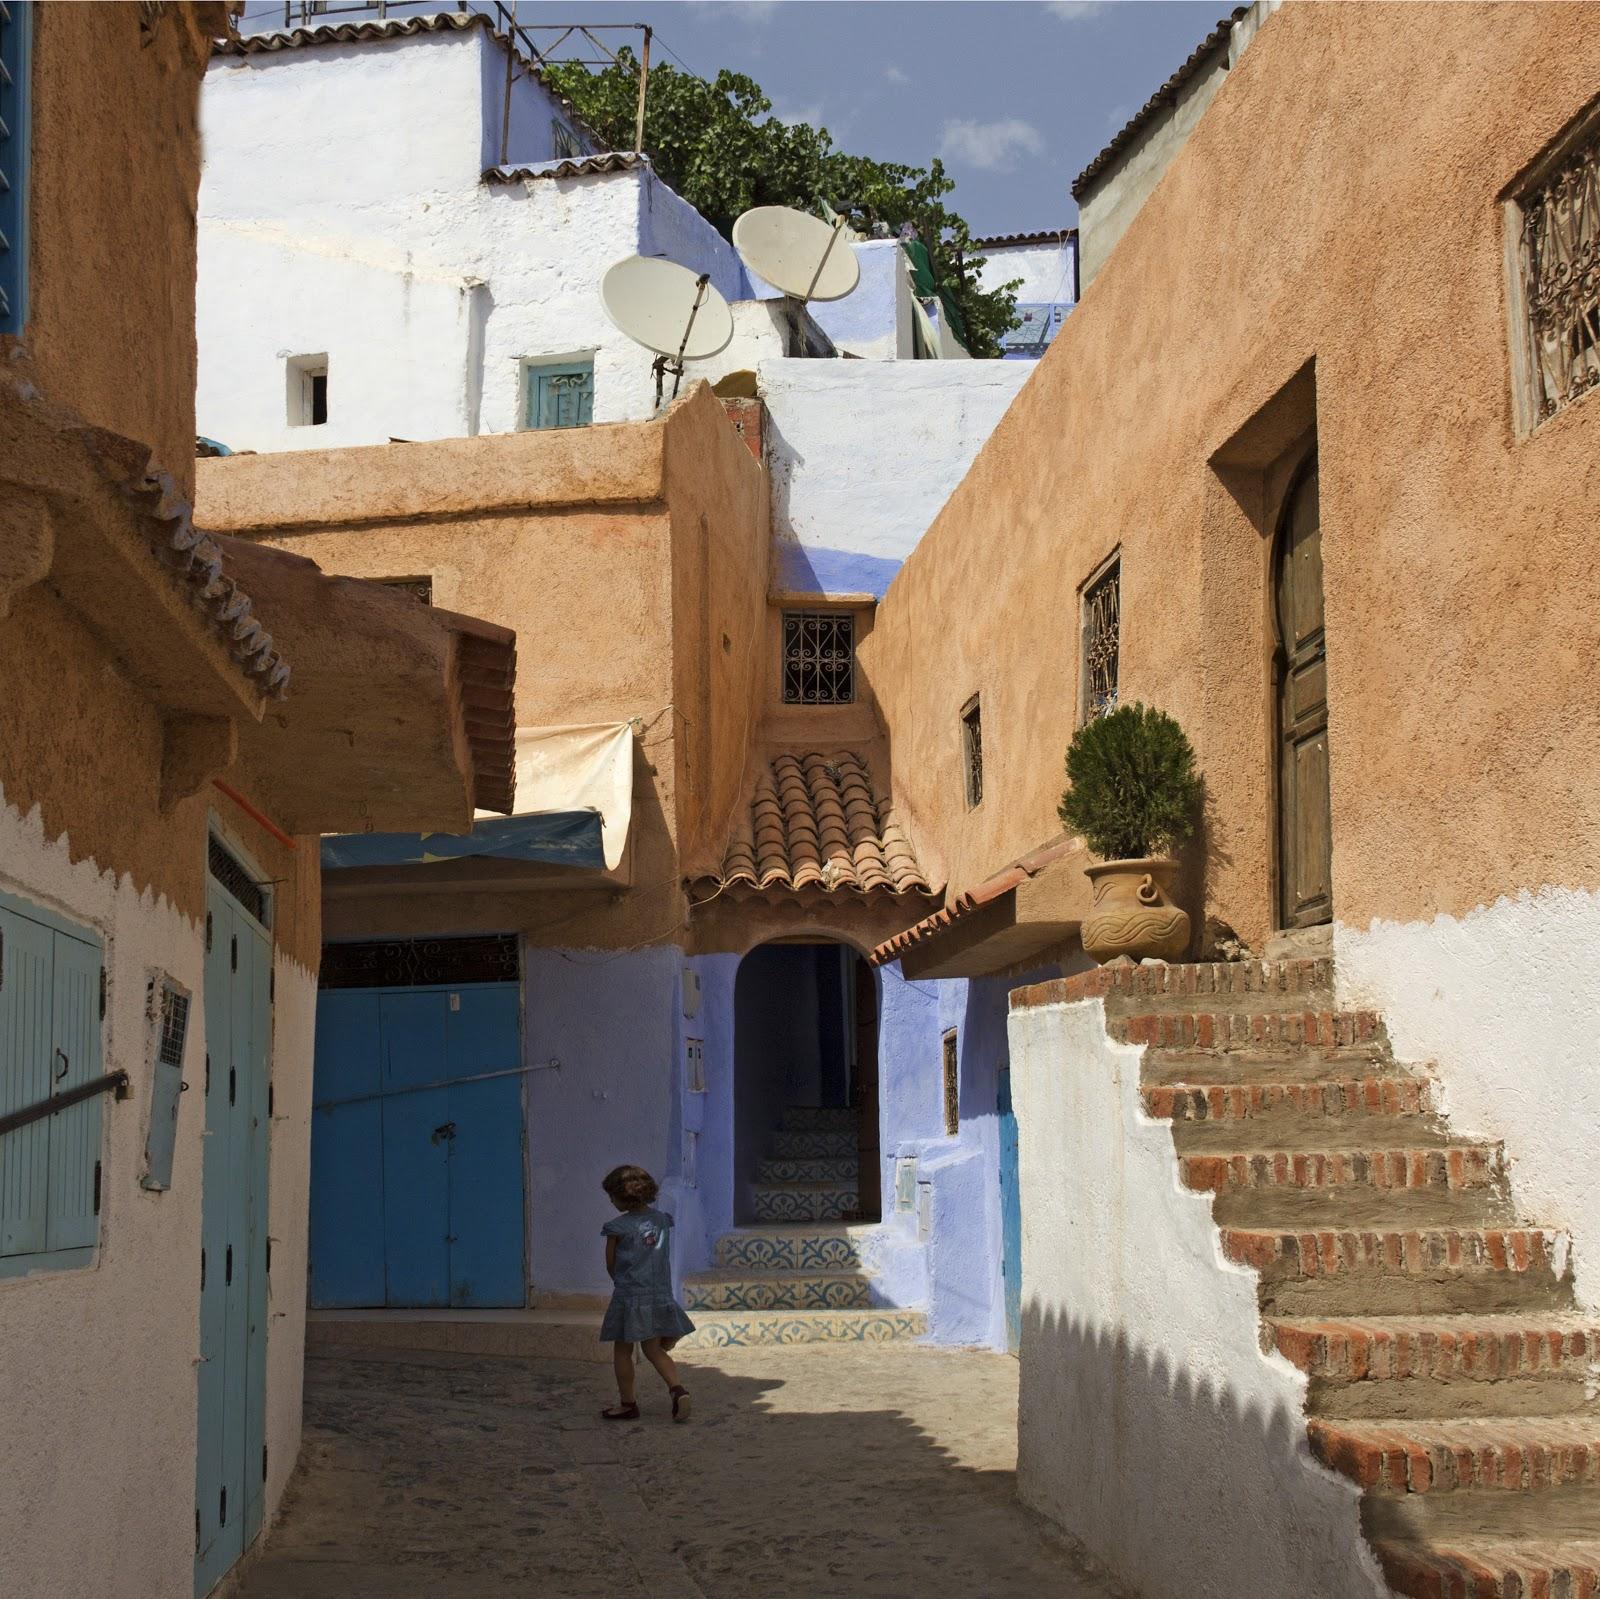 Chauen, Marruecos